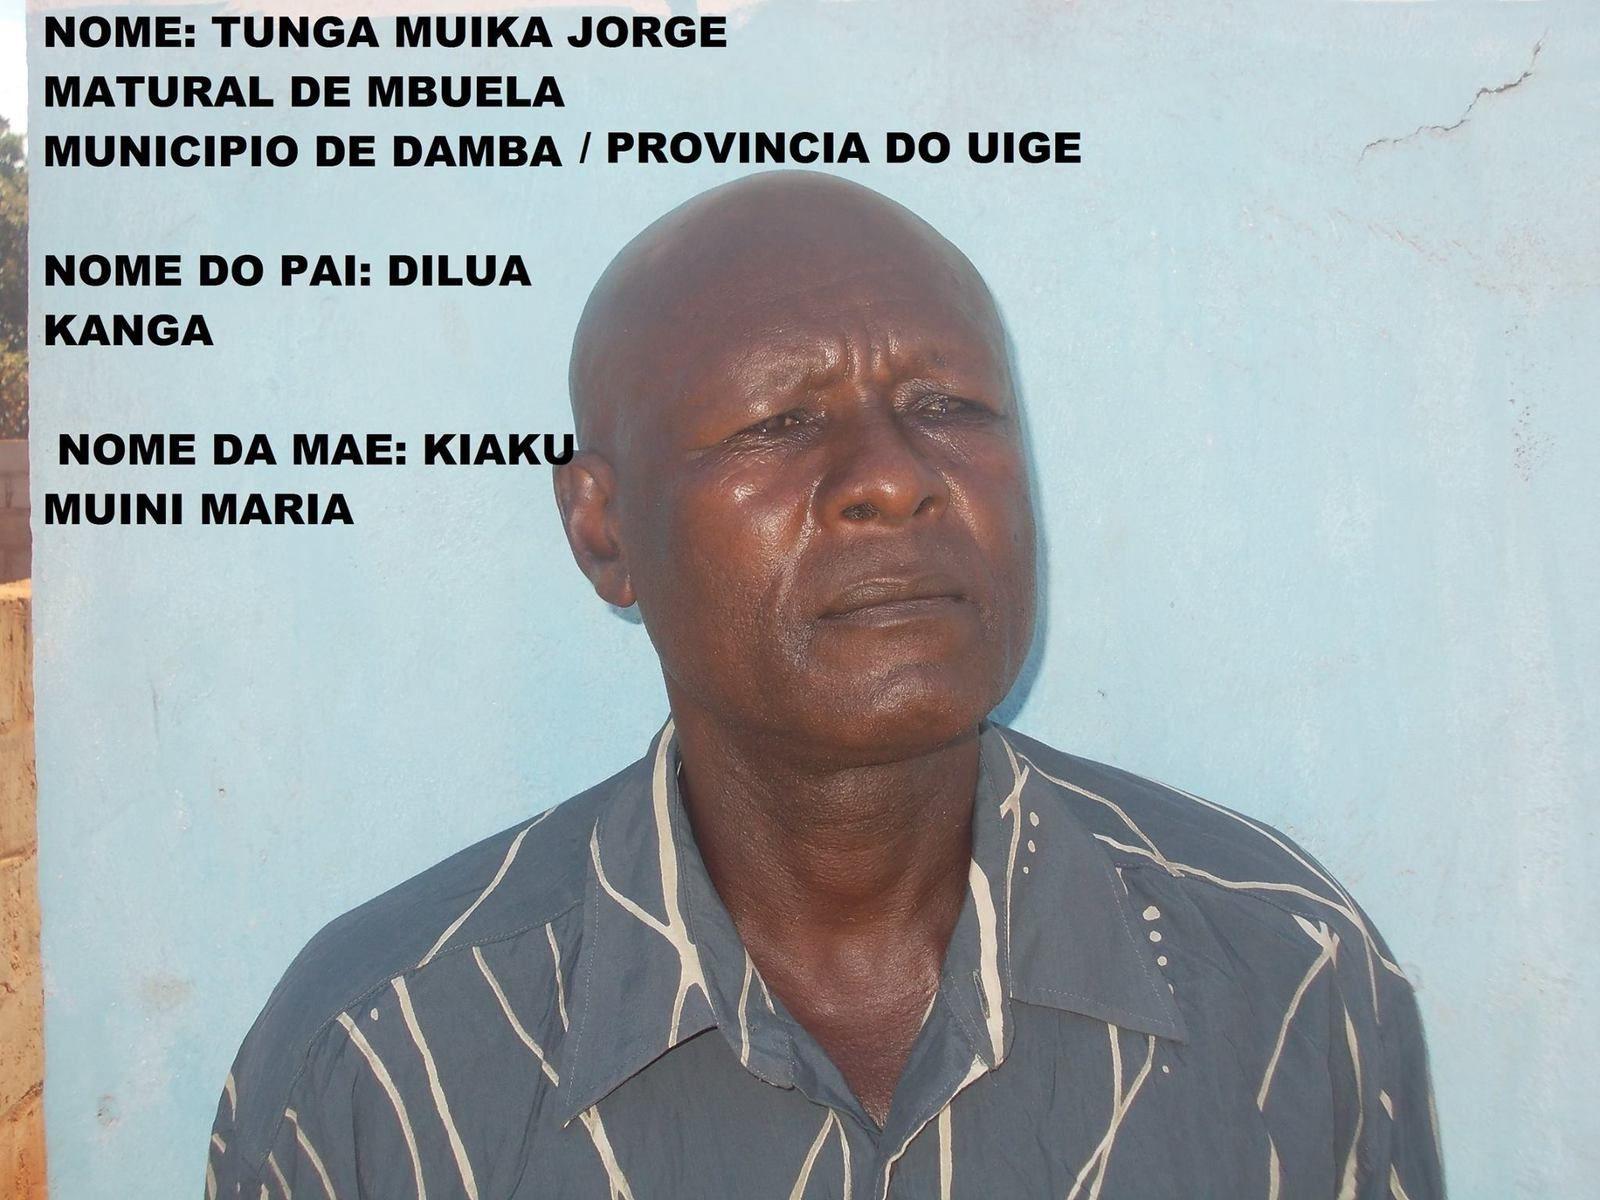 Tunga Mabele, antigo futebolista do F.C Uíge e dos Construtores, procura a sua fámília.